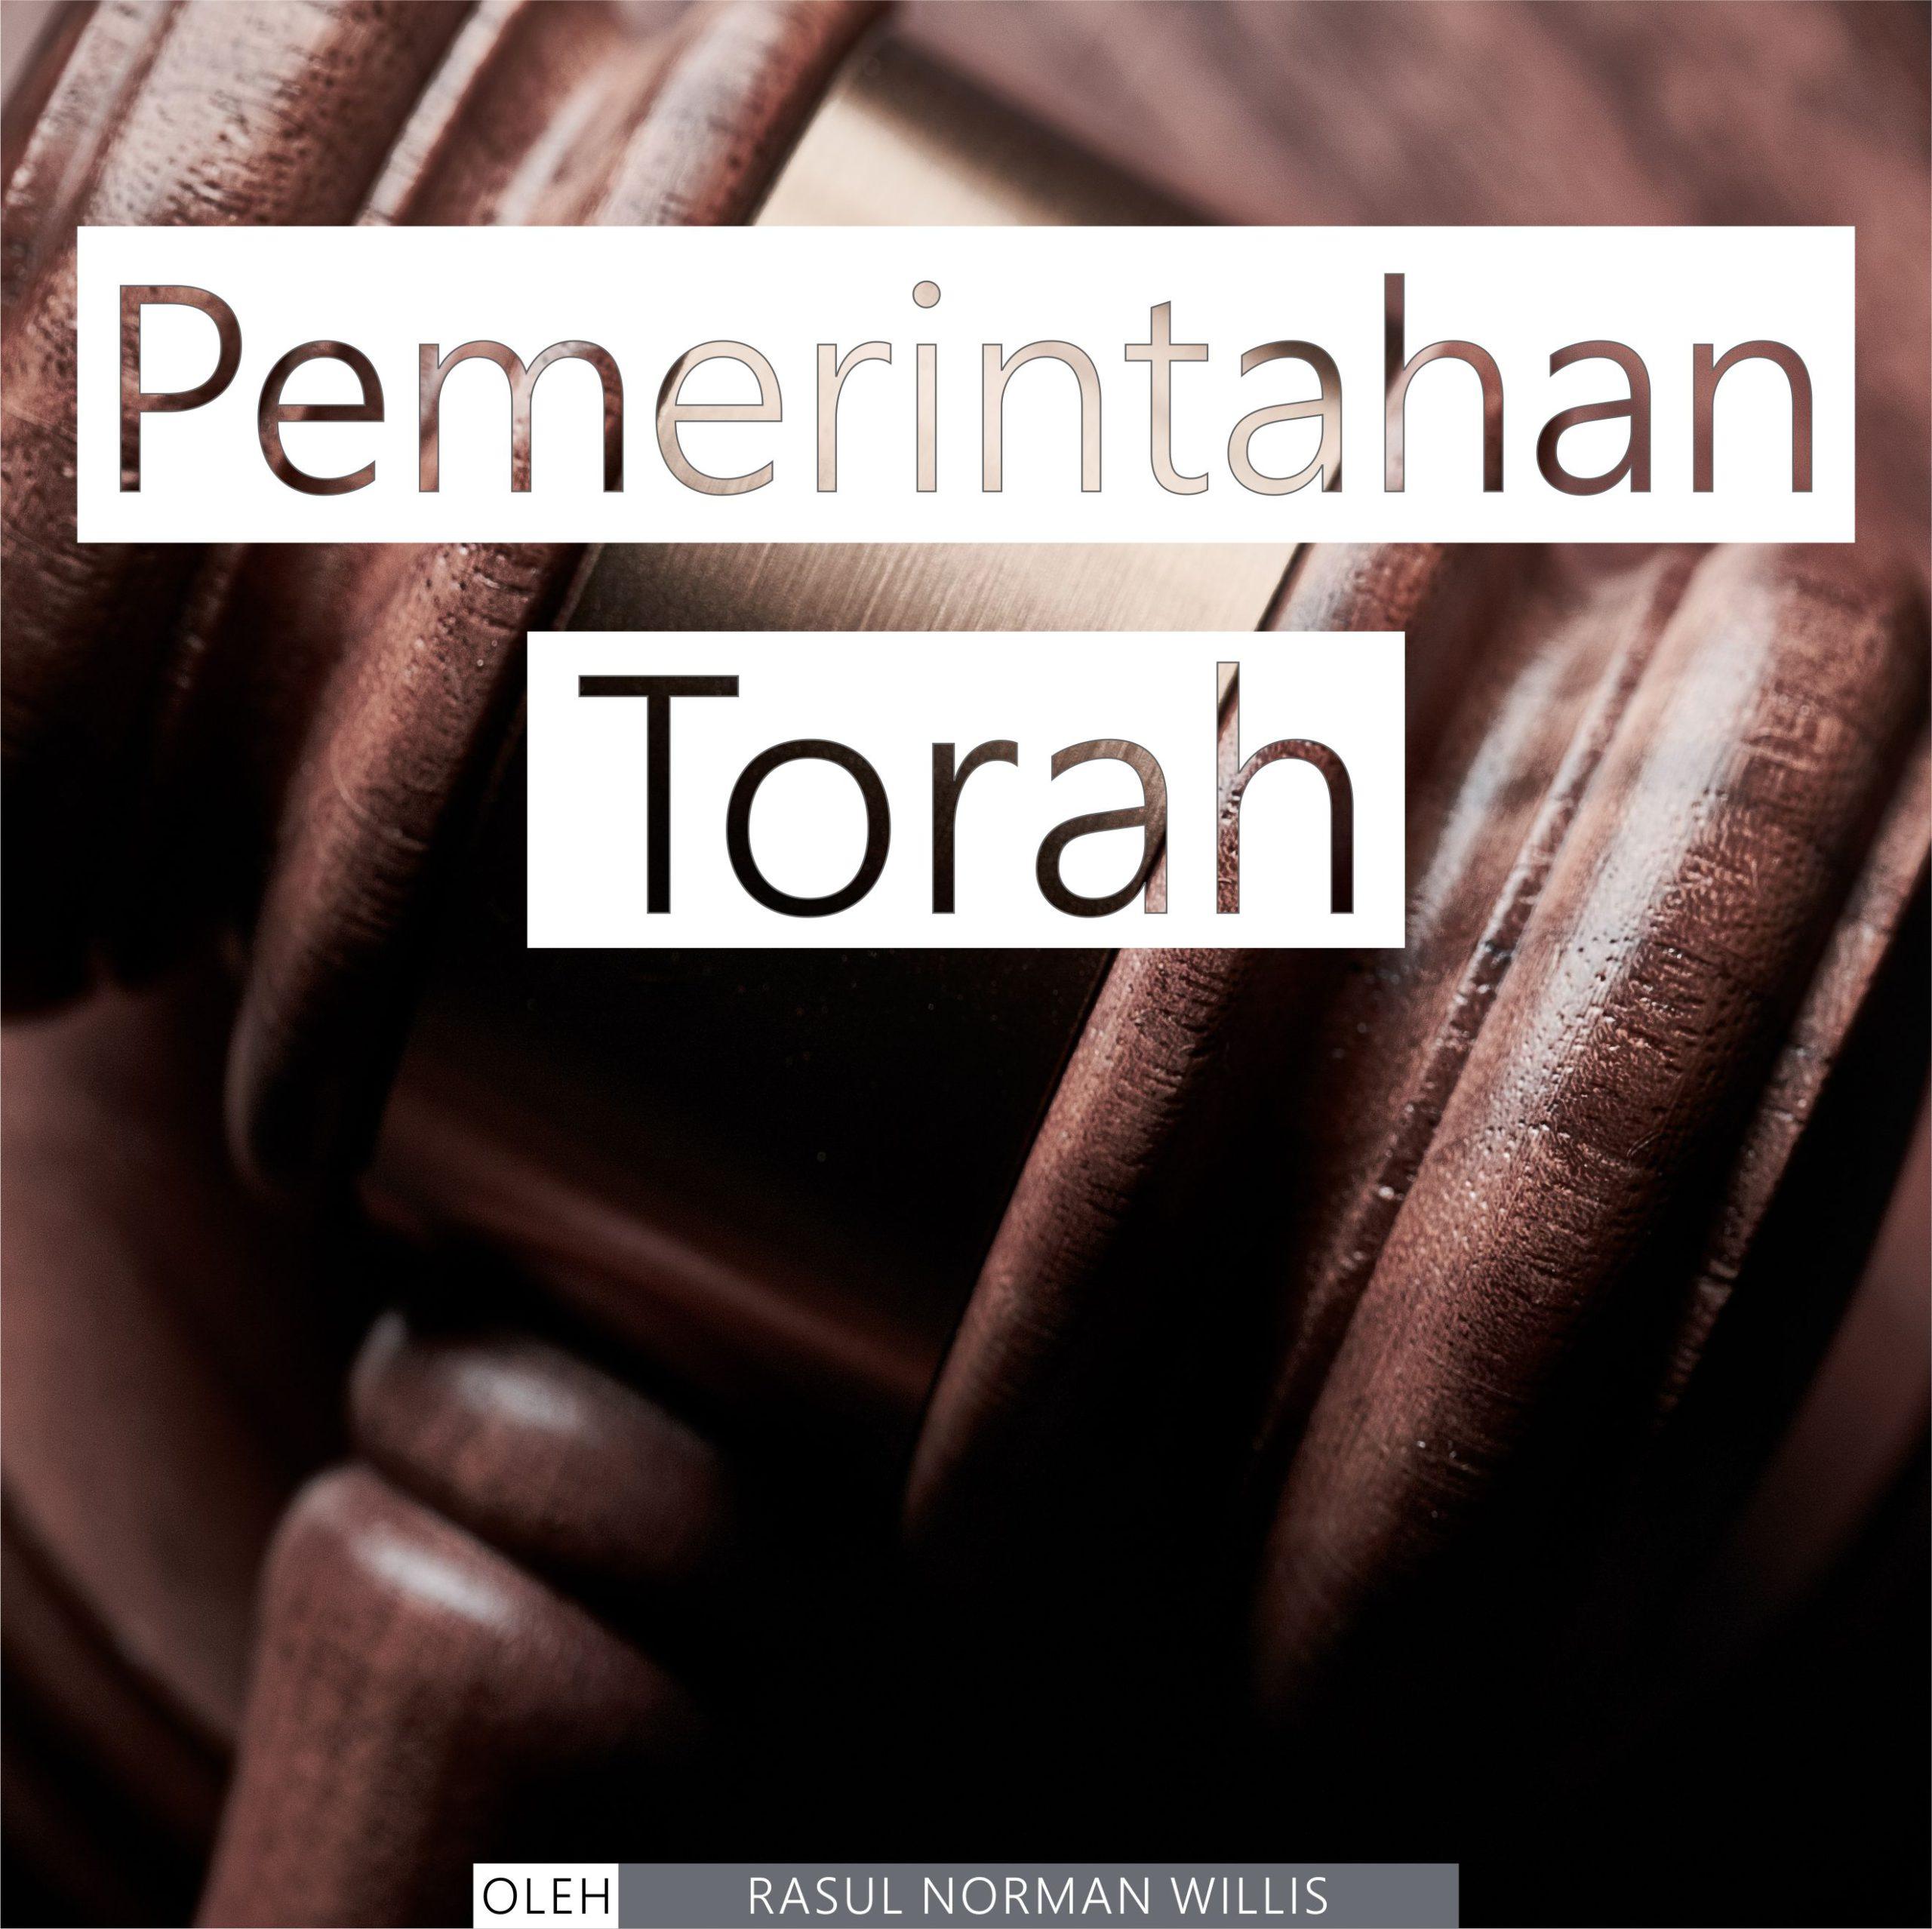 Pemerintahan Torah